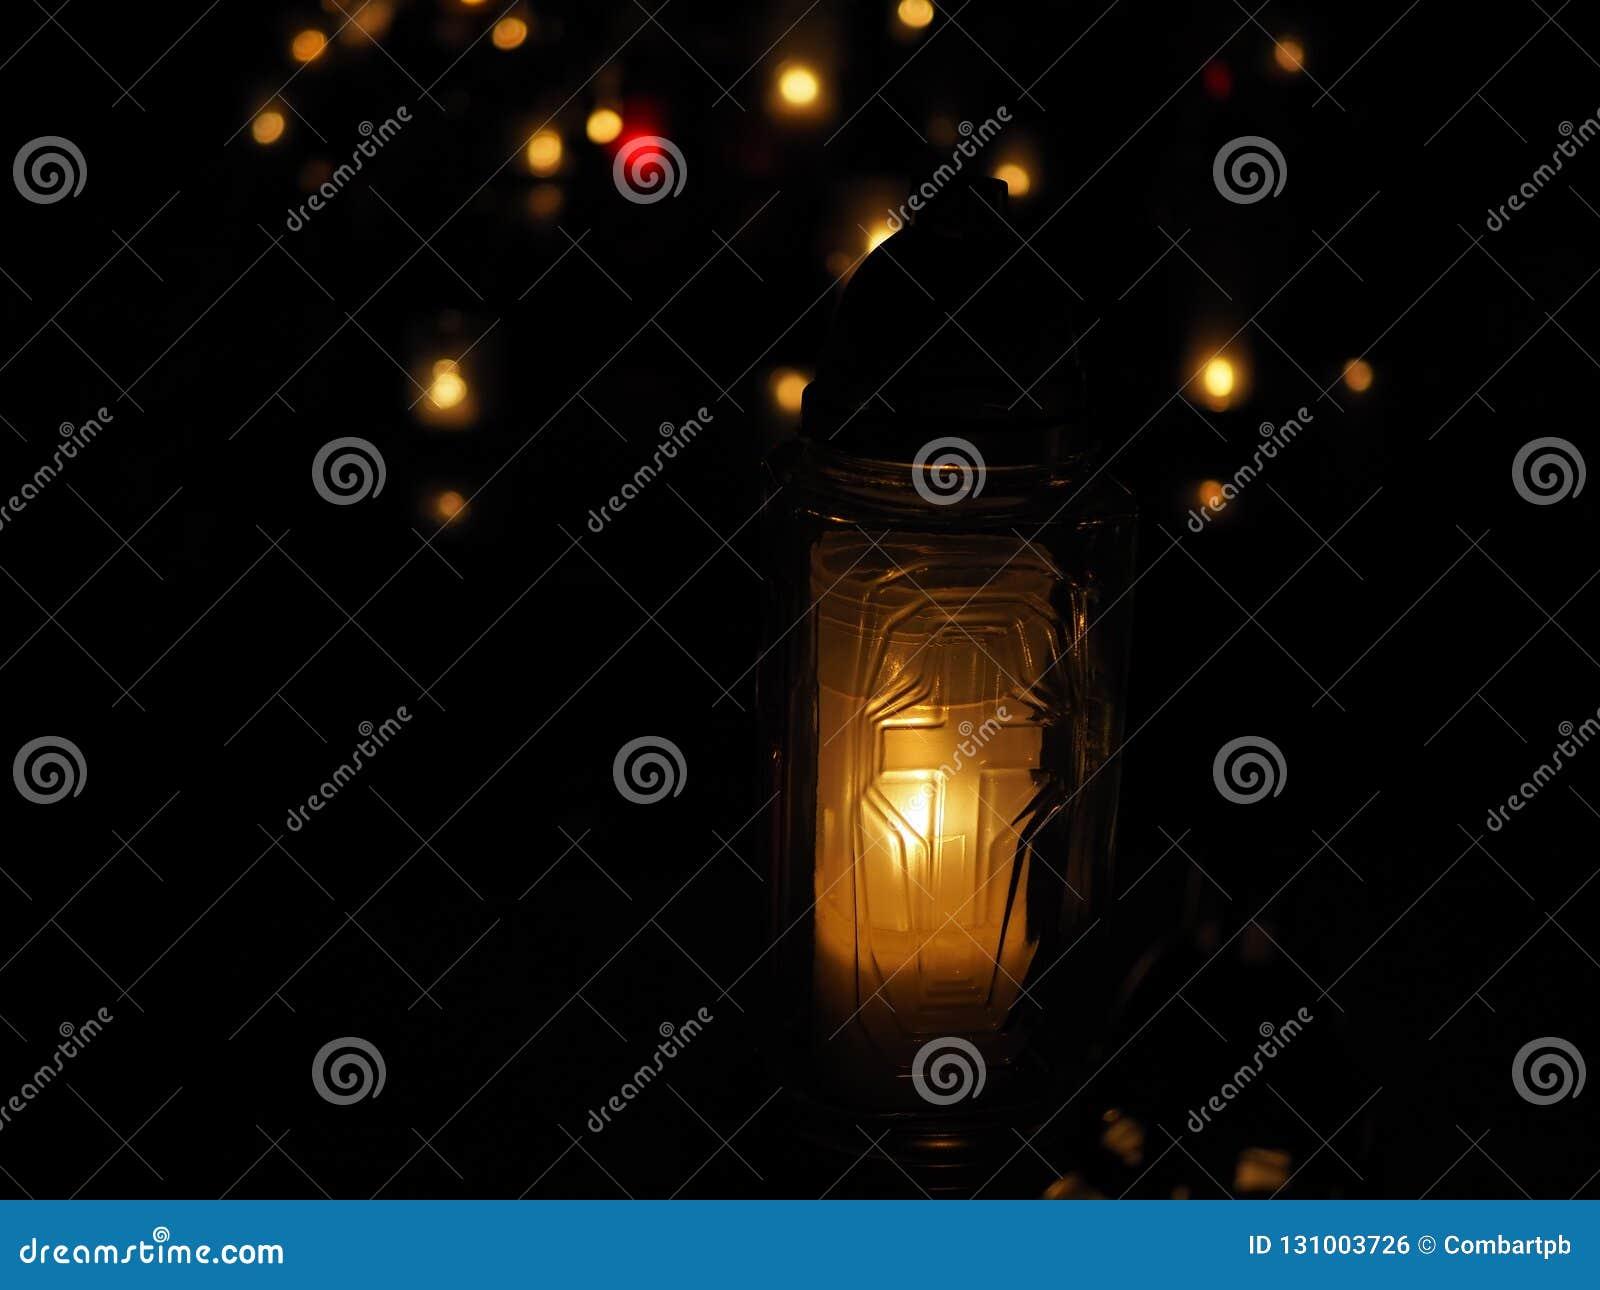 Quema de las velas blancas y coloridas en un cementerio en la noche de todos los santos, luces anaranjadas